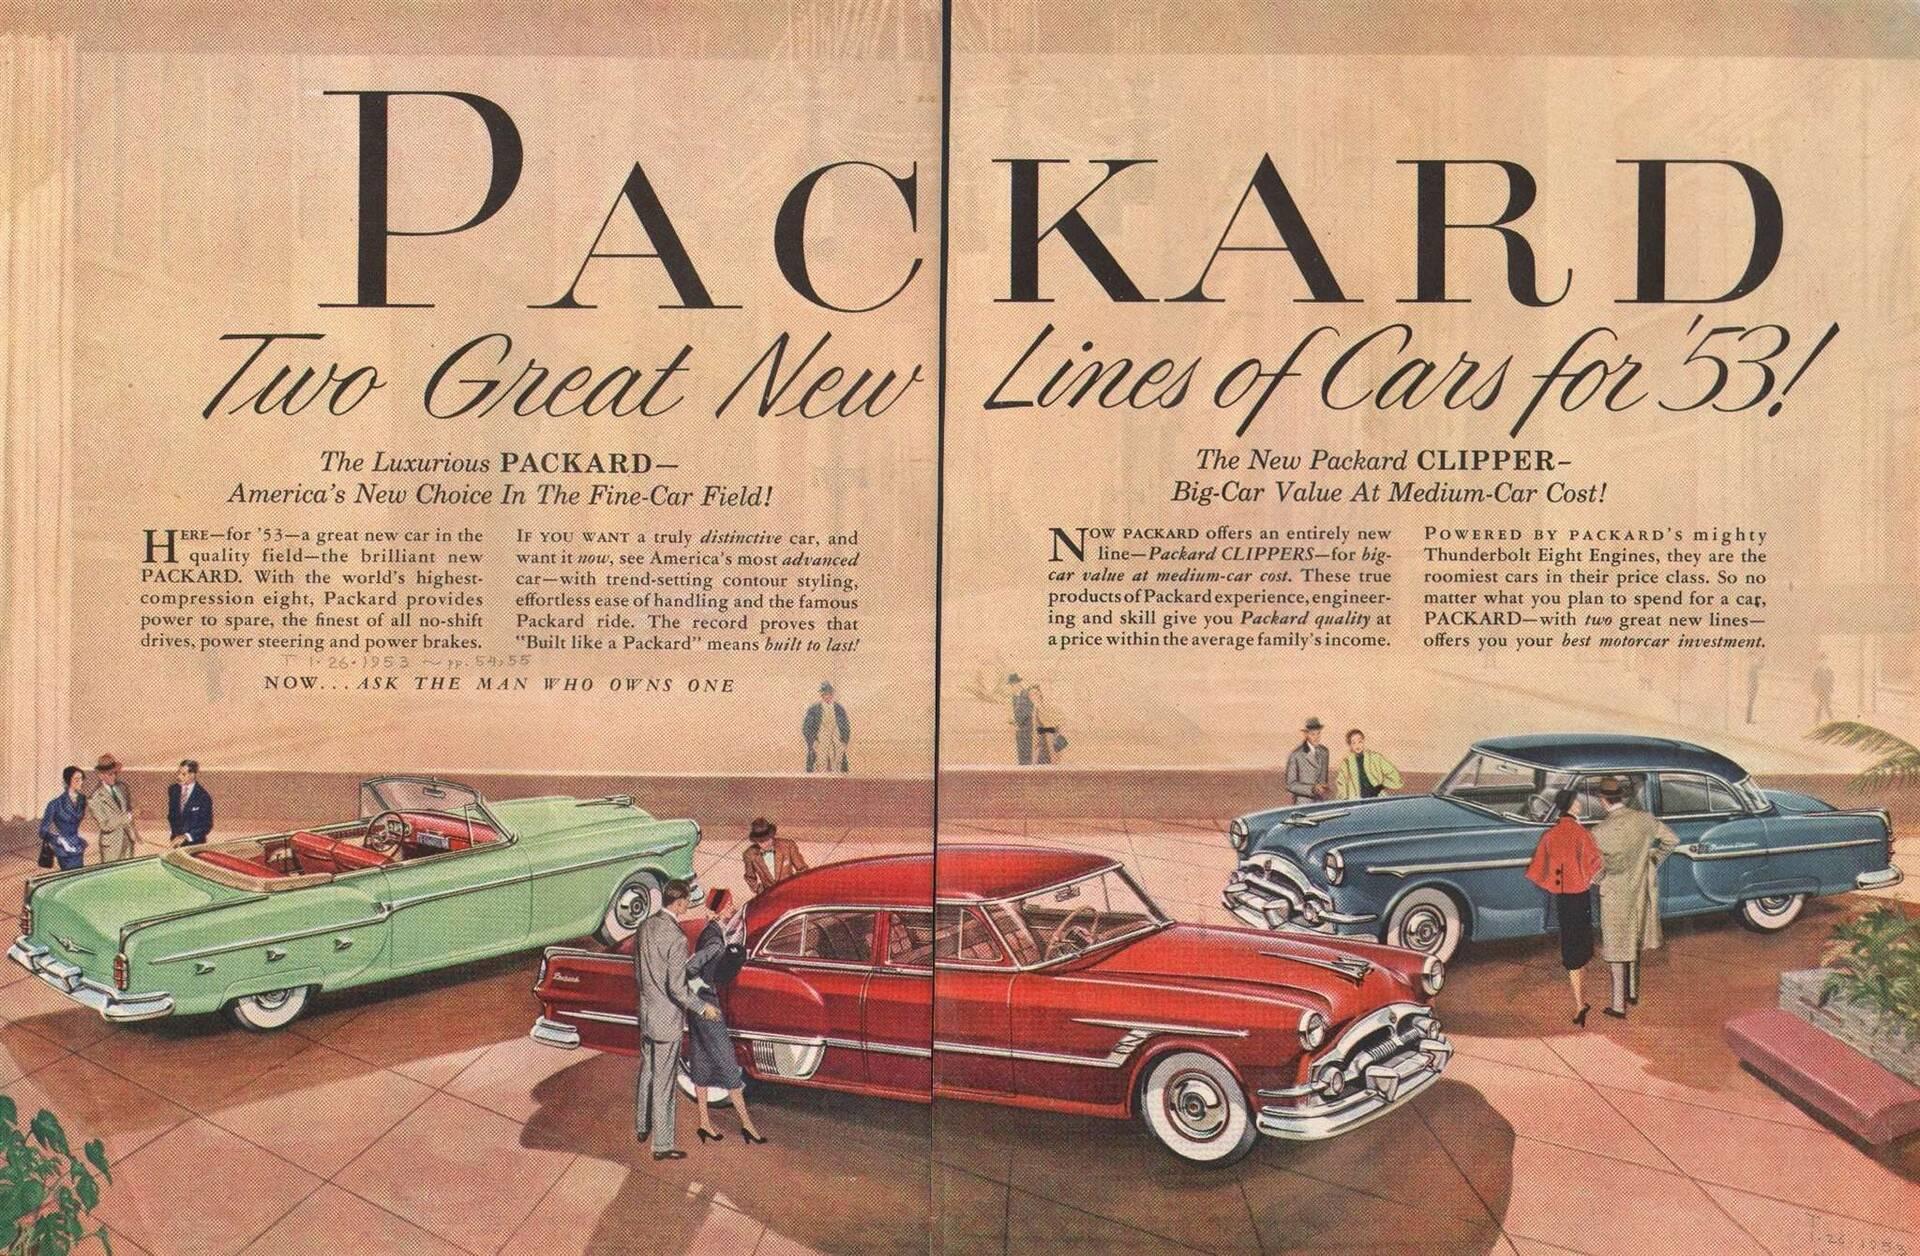 1953 Packard & Clipper